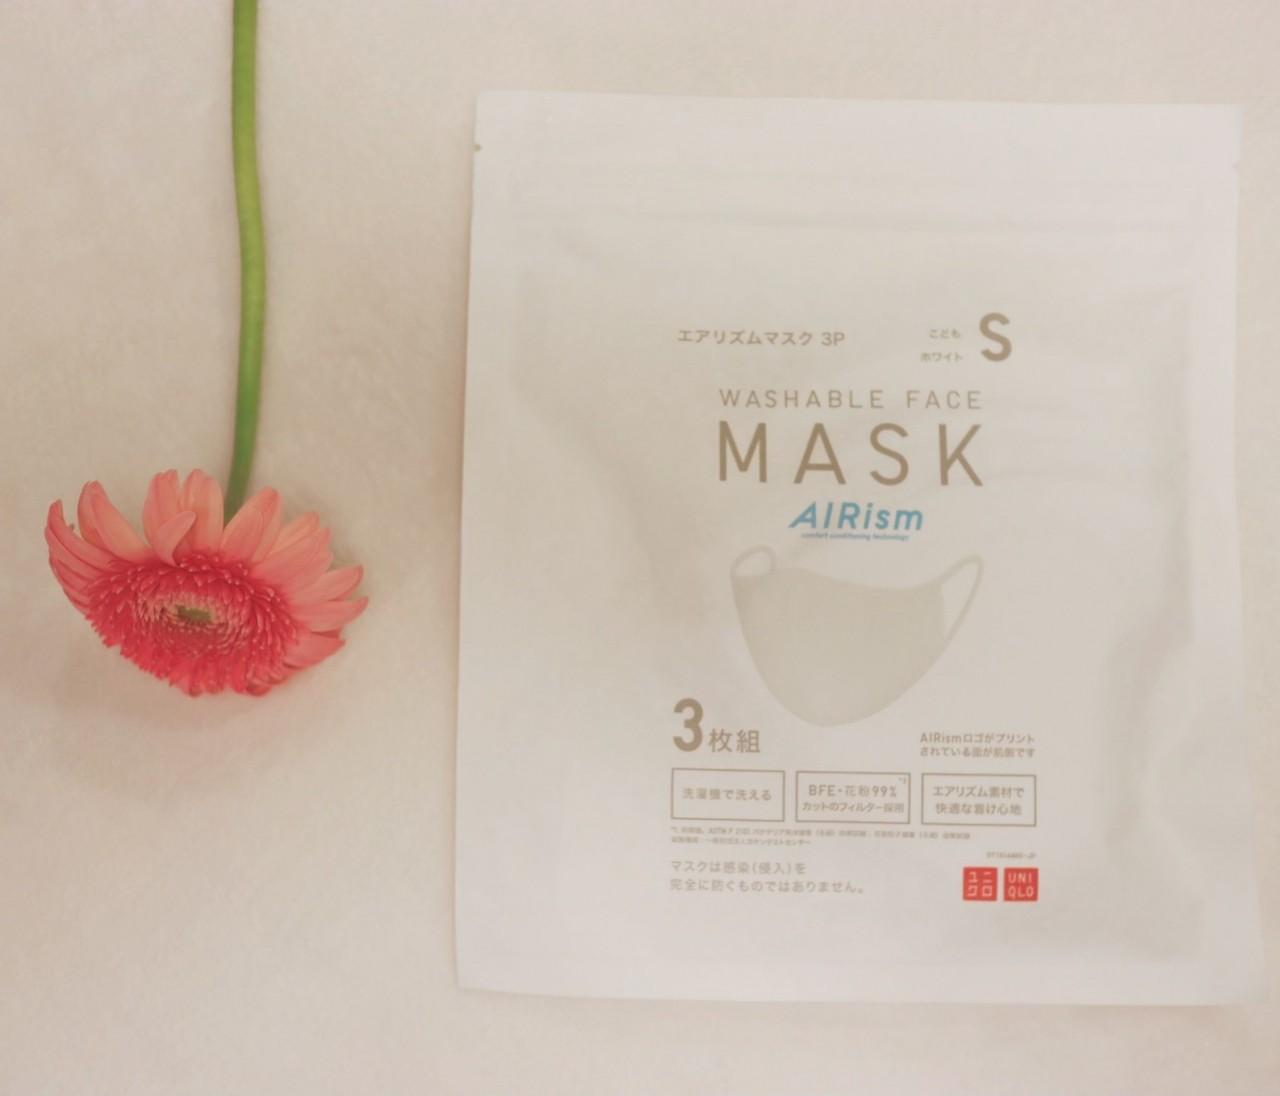 夏マスク【UNIQLOエアリズムマスク】レビューします!